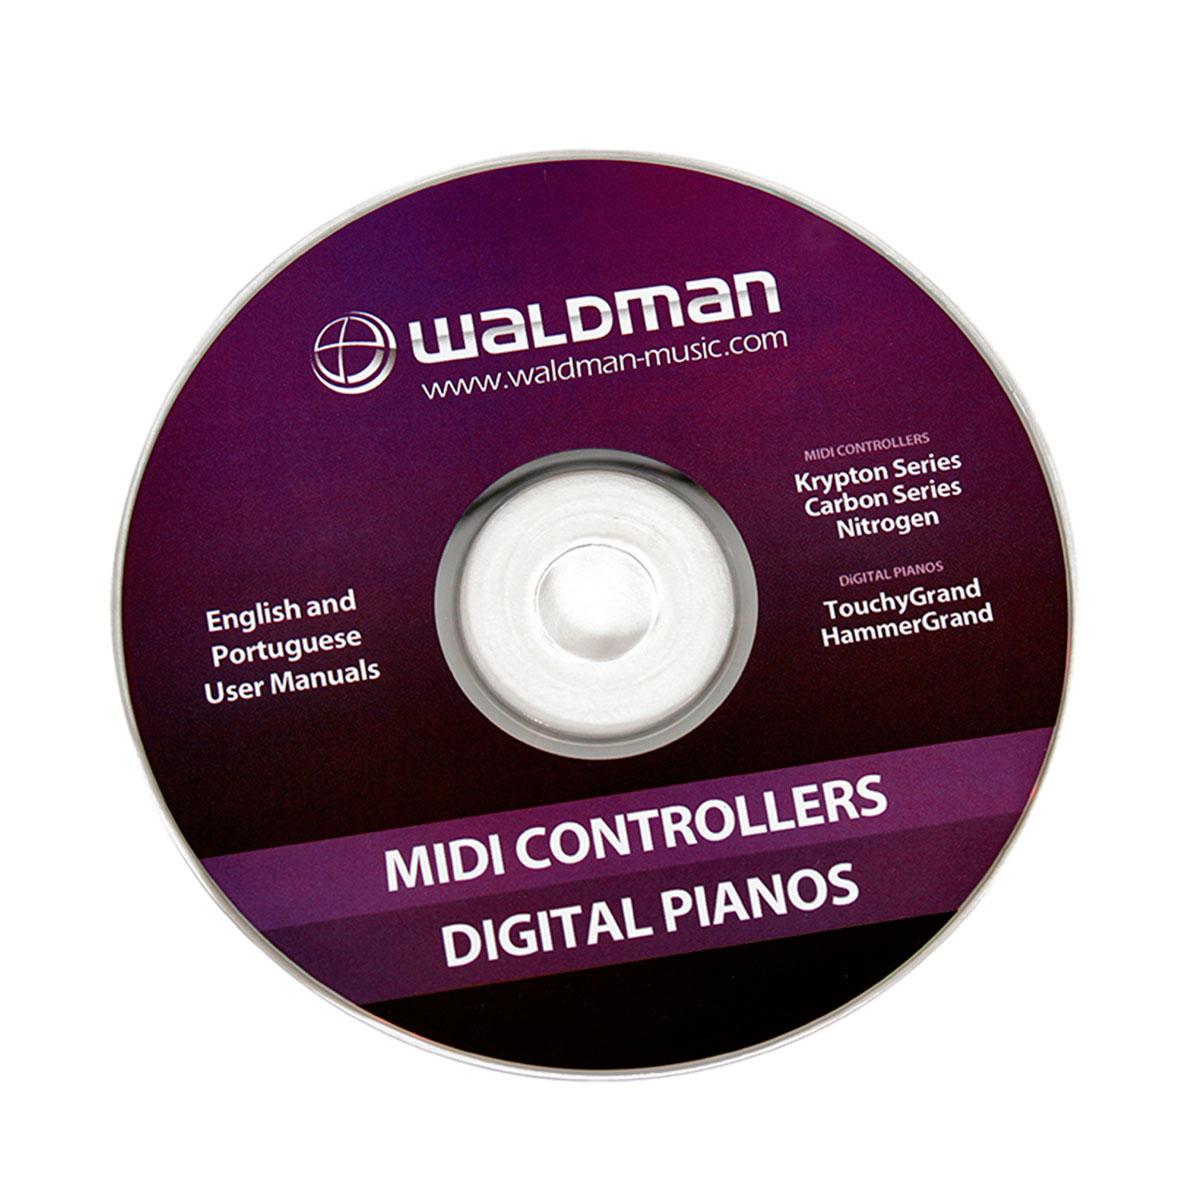 Carbon25 - Controlador Midi USB Carbon 25 - Waldman